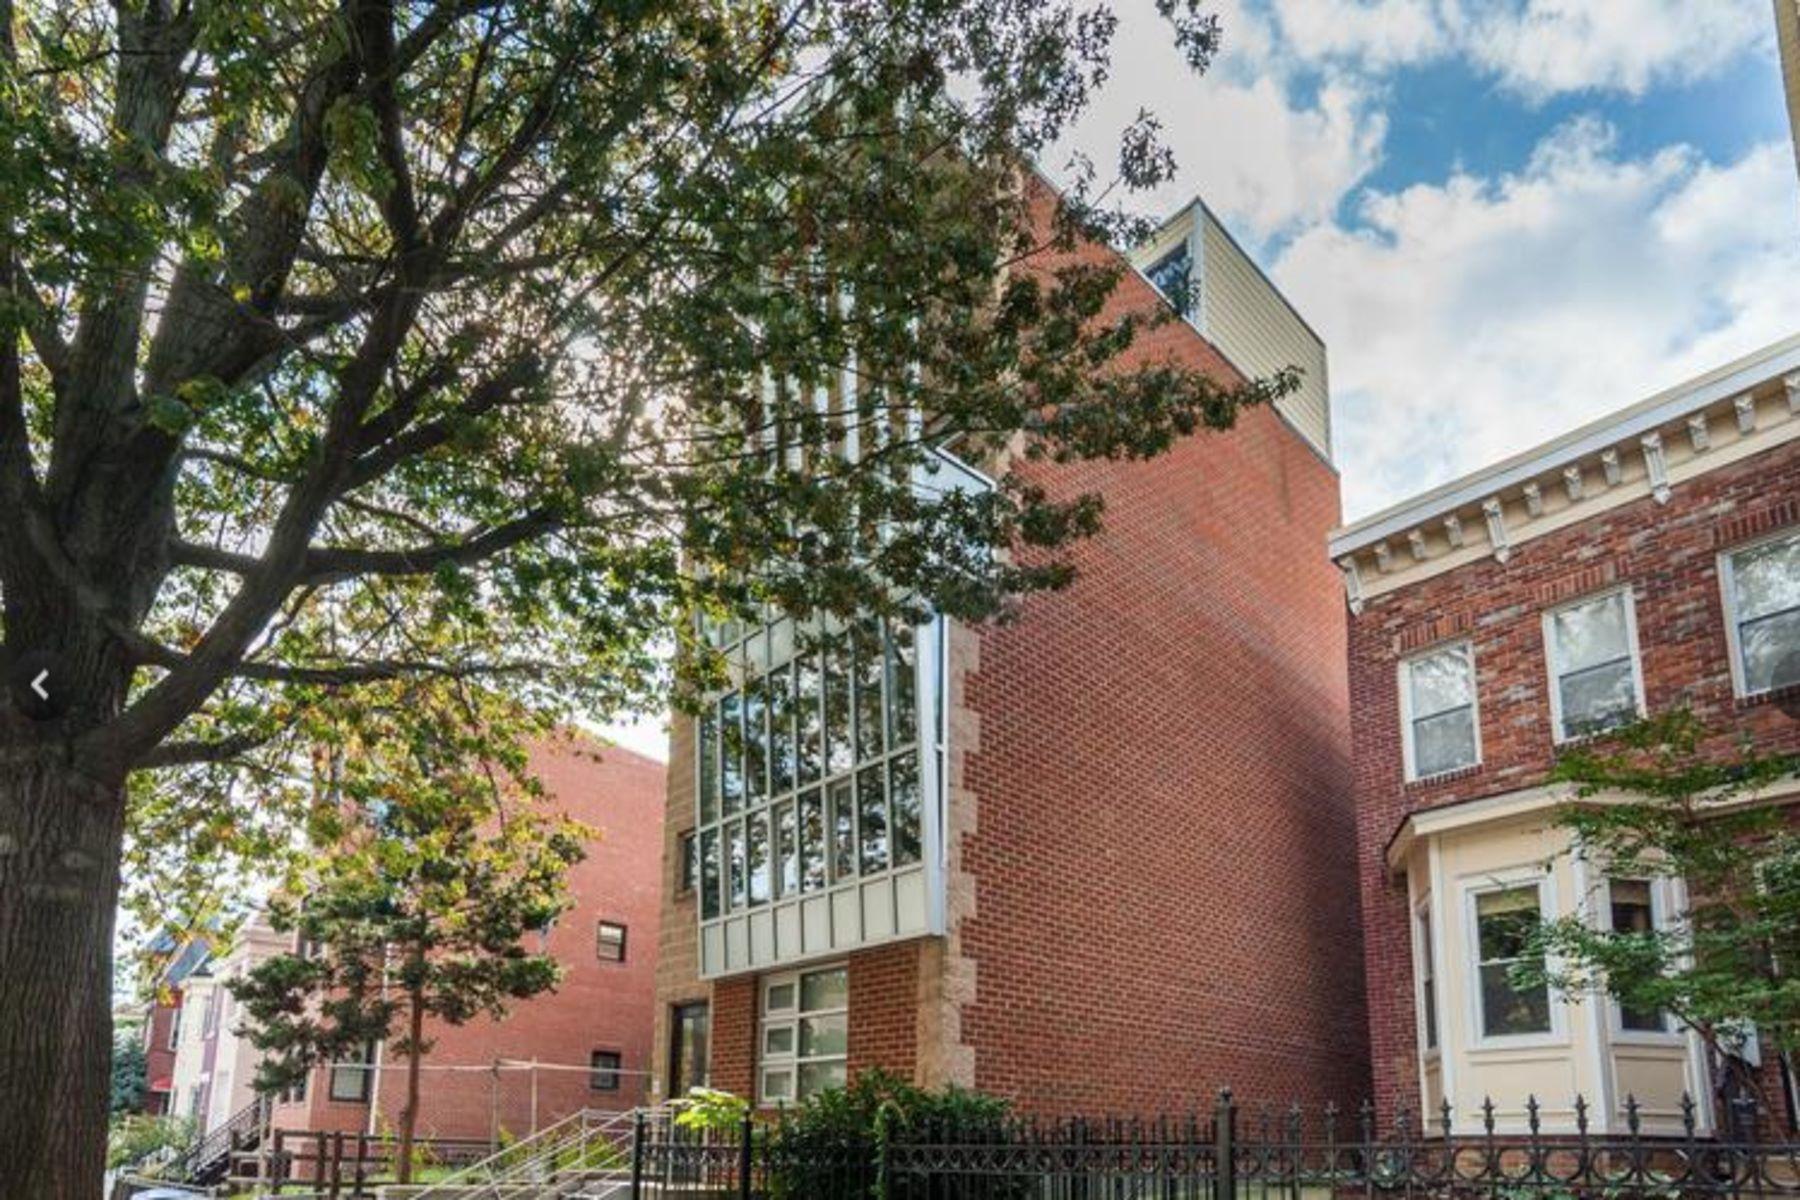 联栋屋 为 销售 在 Top Floor Loft in Shaw 1416 5th Street Nw 4 华盛顿市, 哥伦比亚特区, 20001 美国